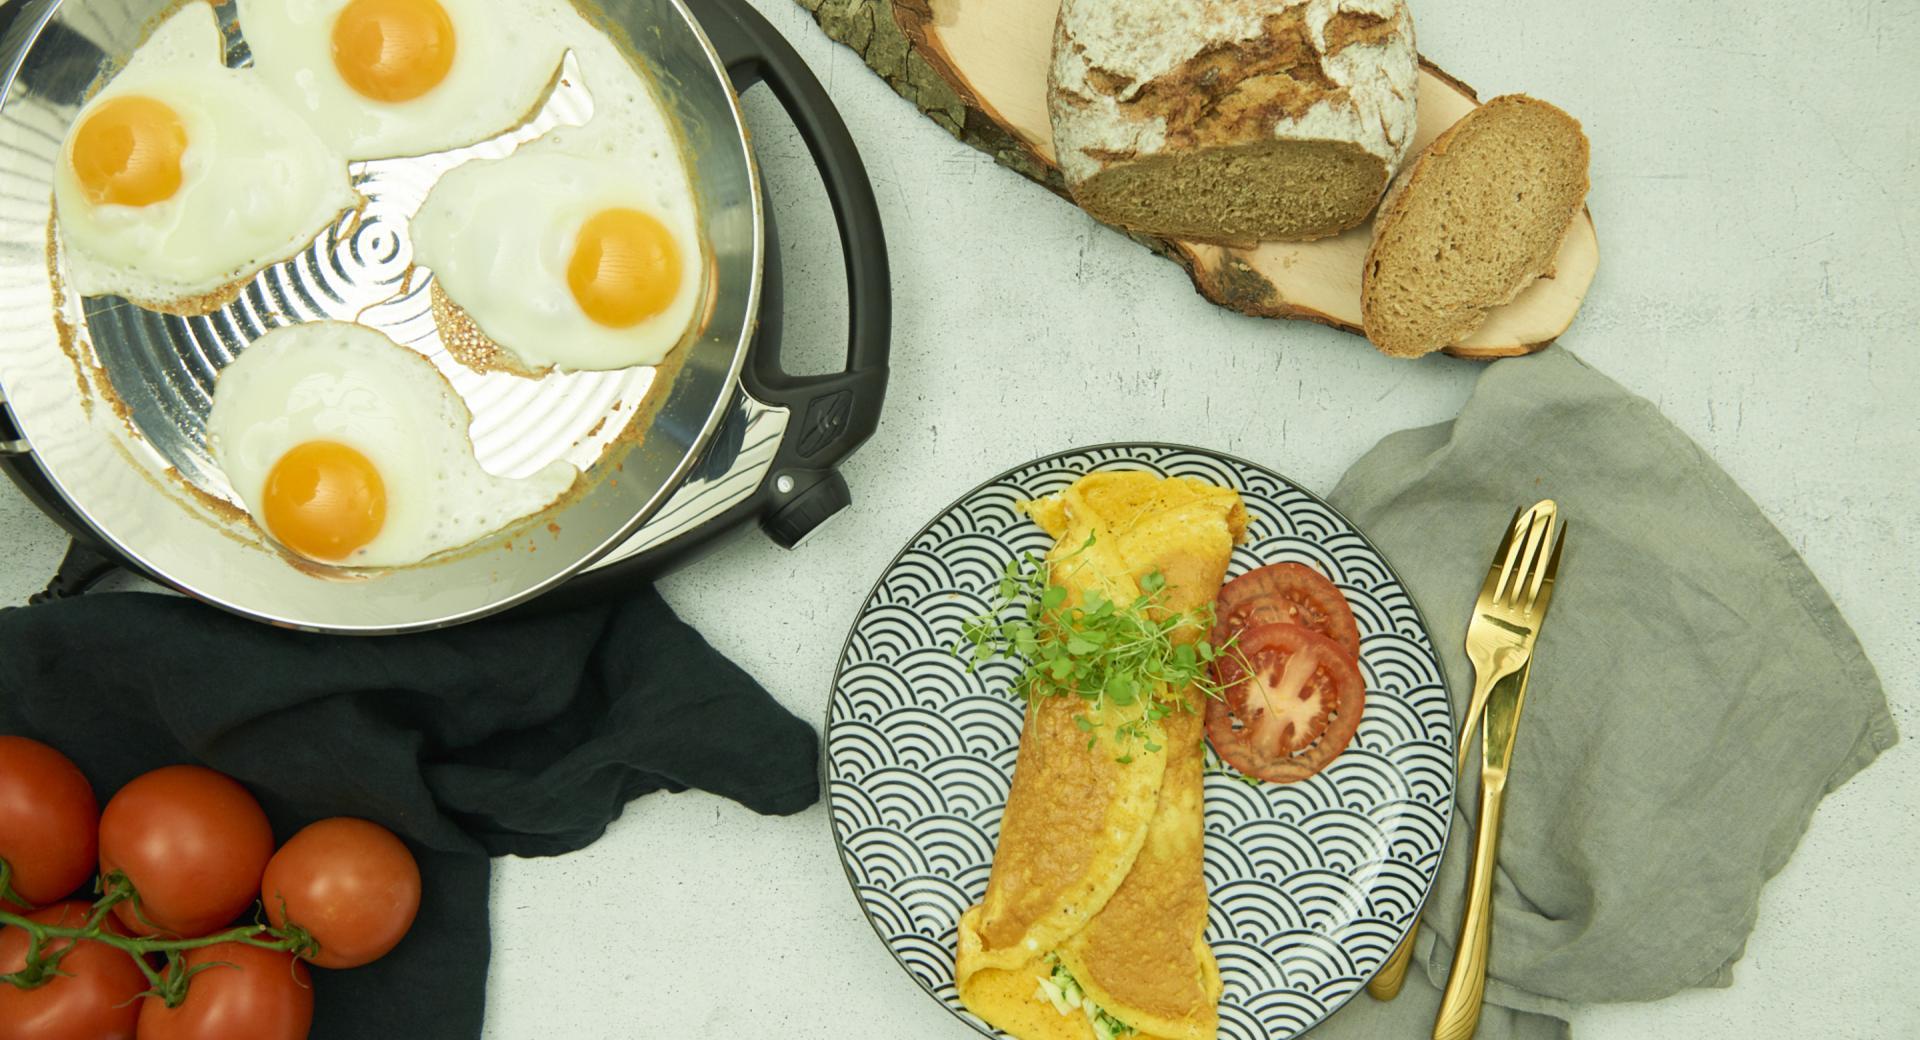 Omelet & Fried eggs